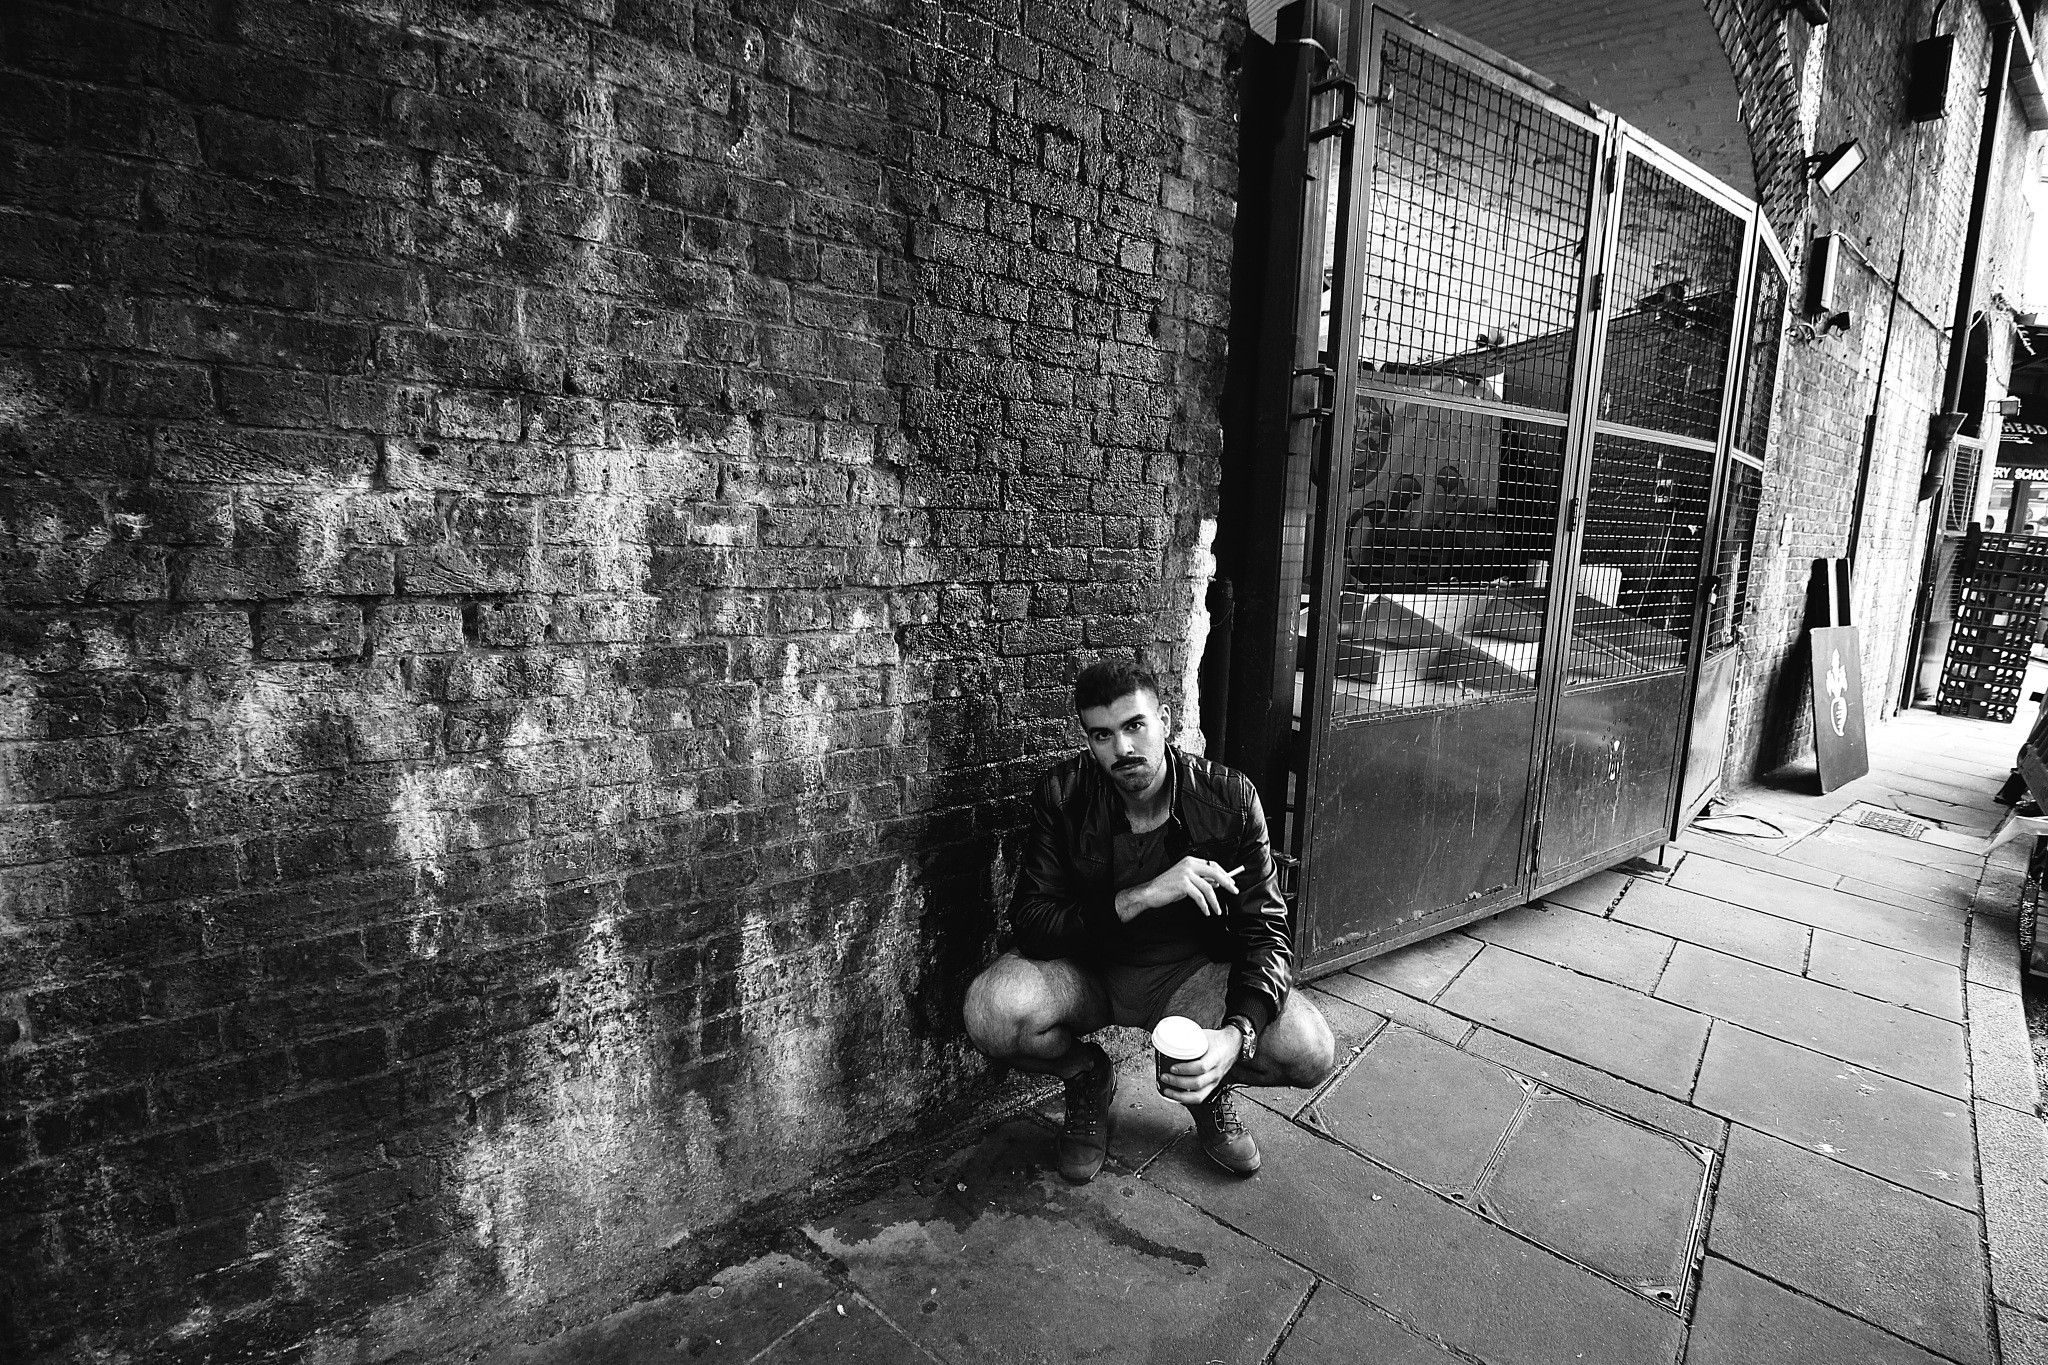 Random Man Street Shot by Adrian Perez